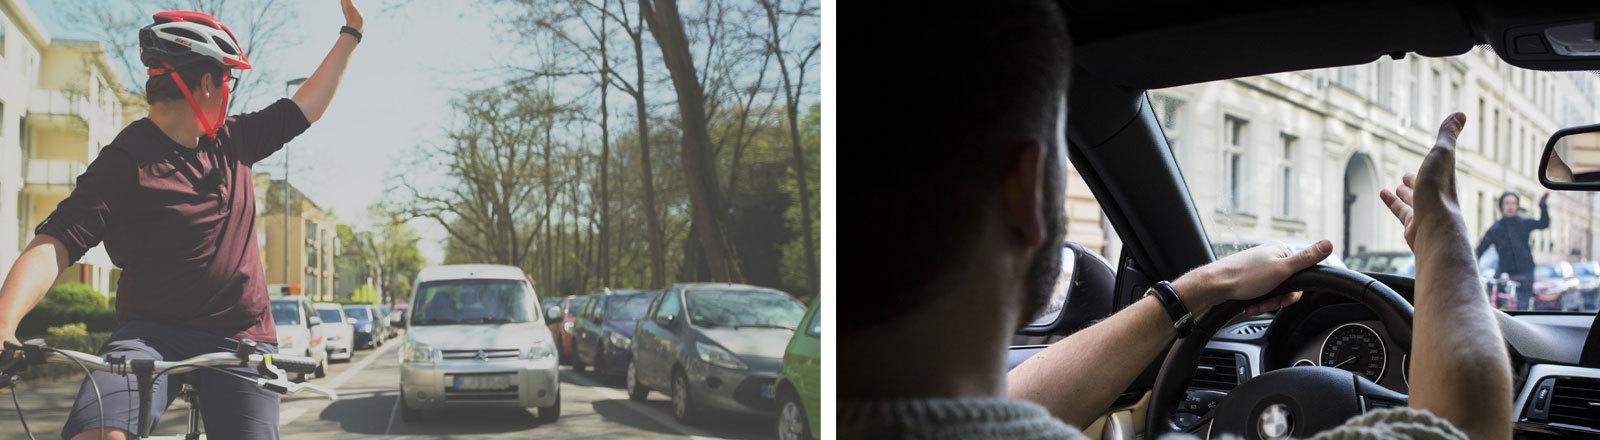 Klaas Reese auf dem Rad, Paulus Müller im Auto, Autofahrer schimpft auf Radfahrer